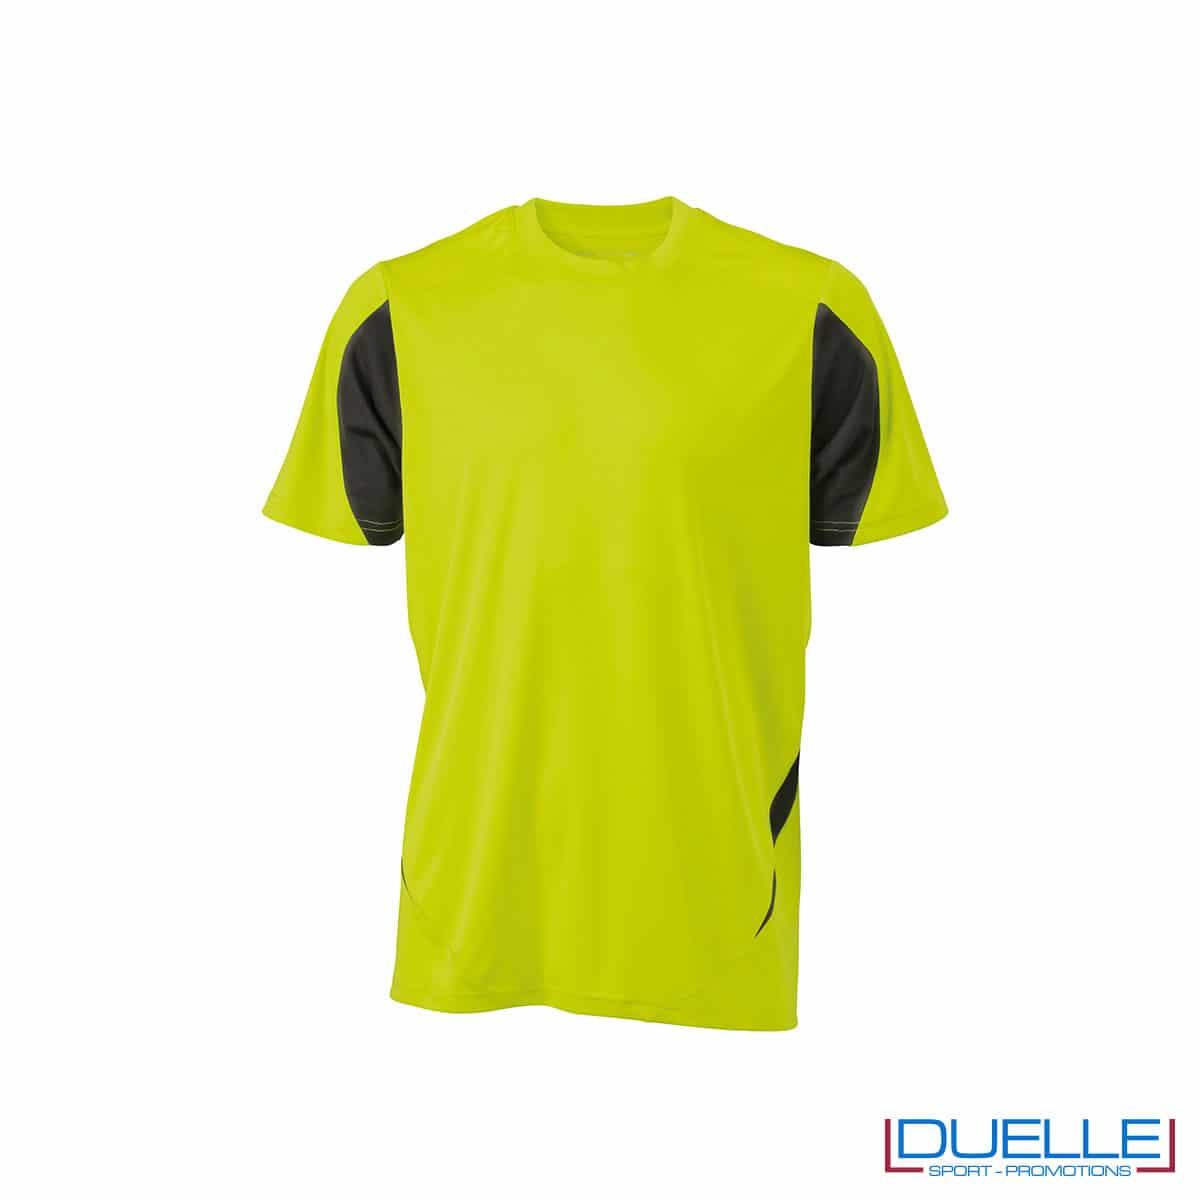 Maglia calcio colore giallo fluo-antracite promozionale